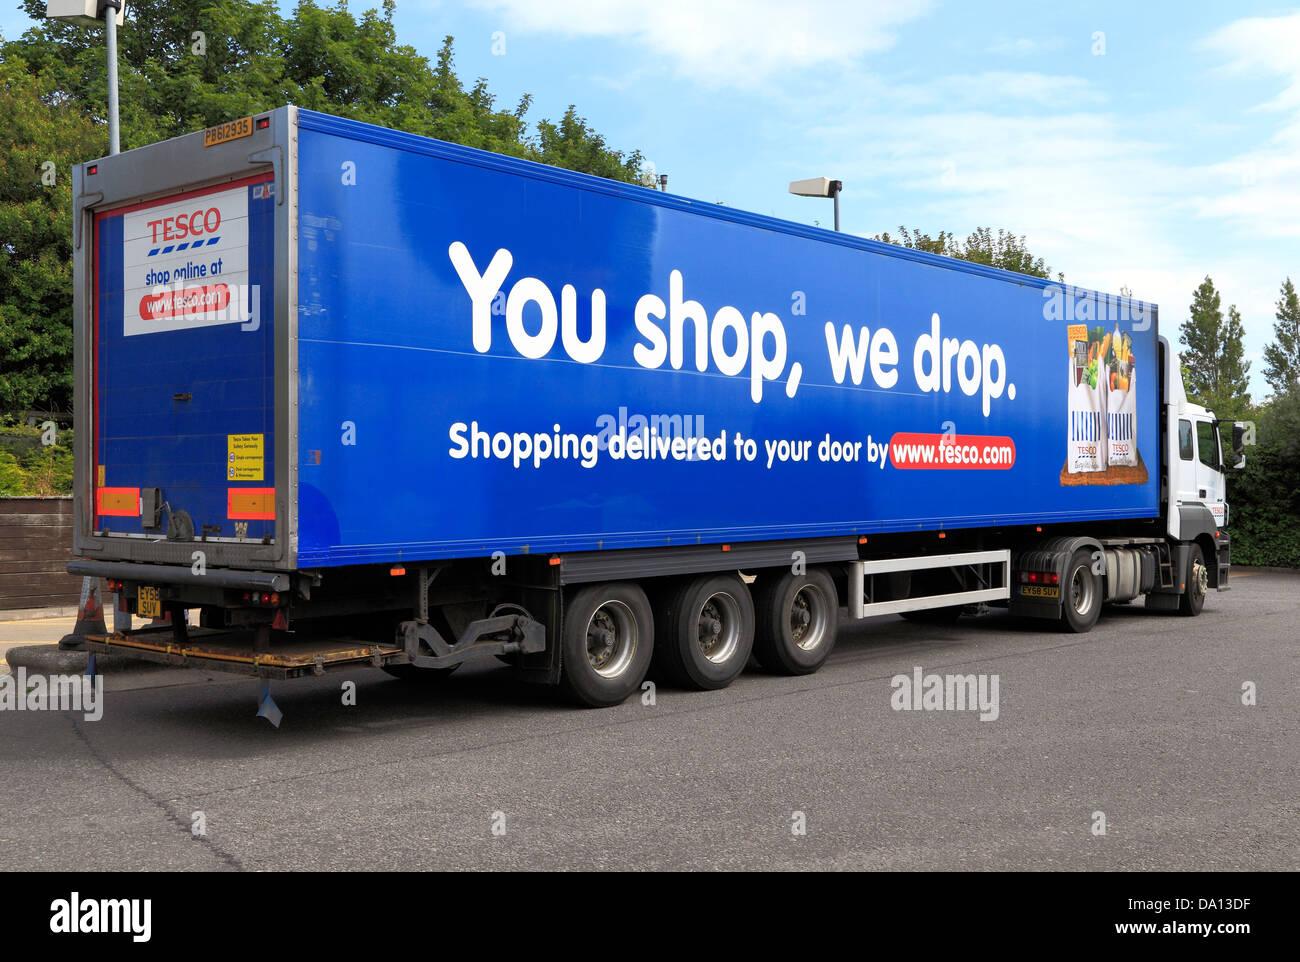 Compras Online de Tesco, vehículo transporter 'tienda, dejamos caer', camión, camión, Inglaterra Imagen De Stock